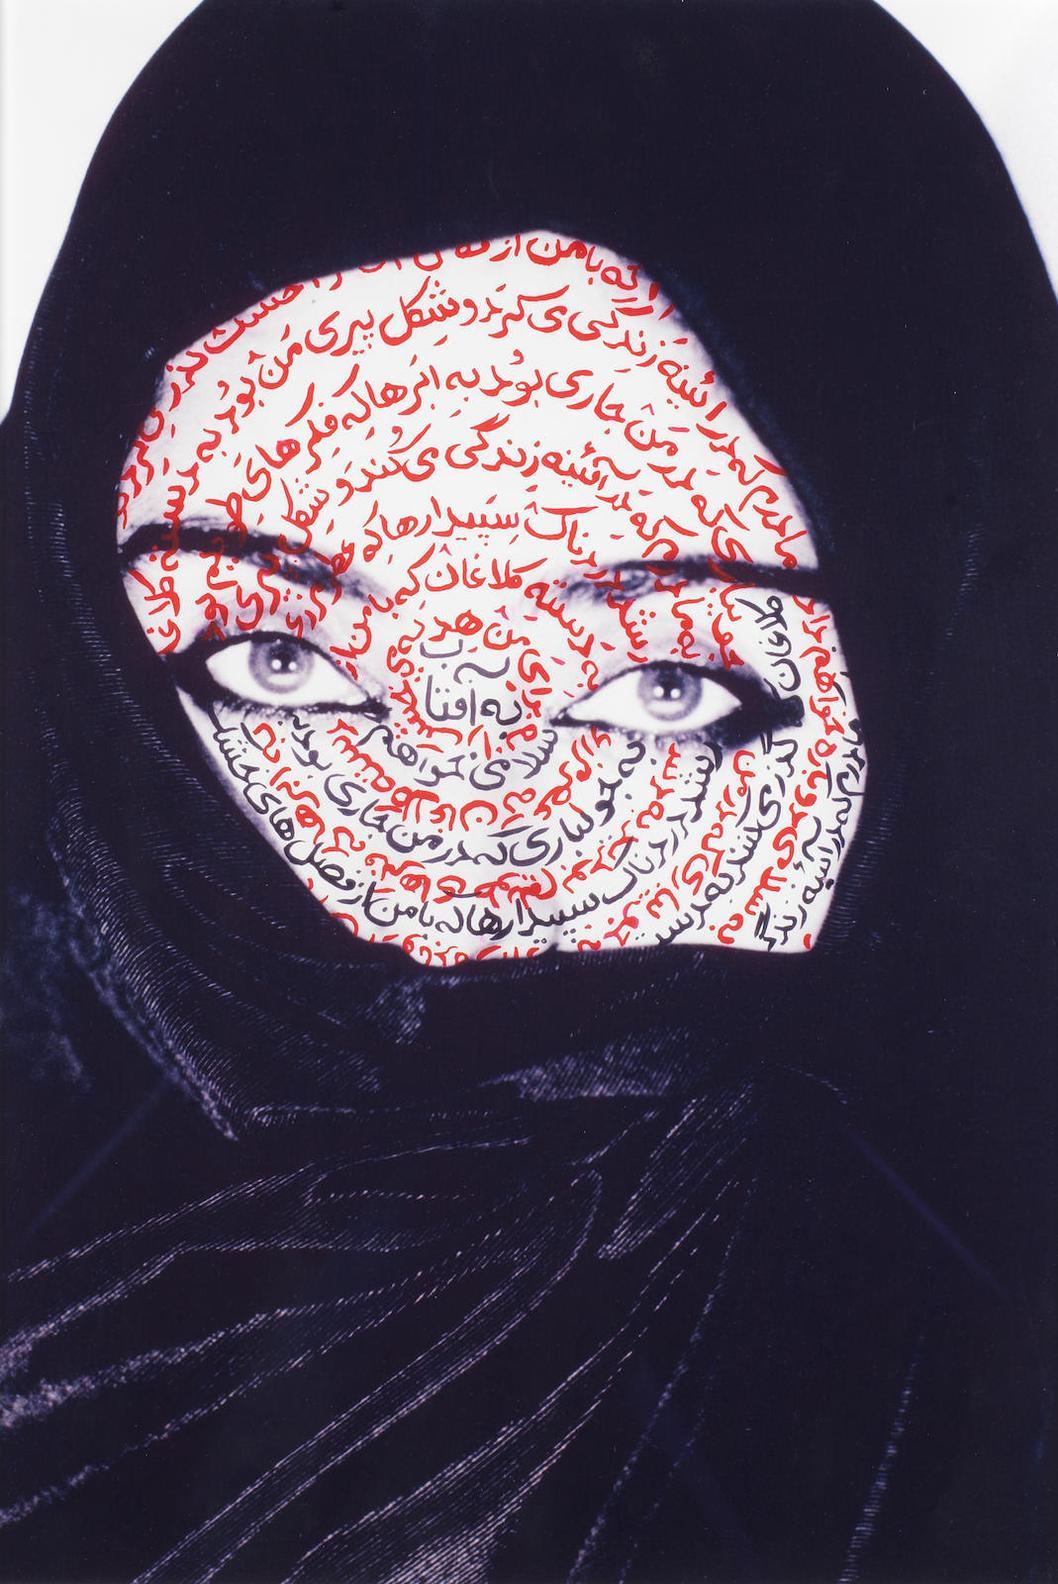 Shirin Neshat-I Am Its Secret-1993